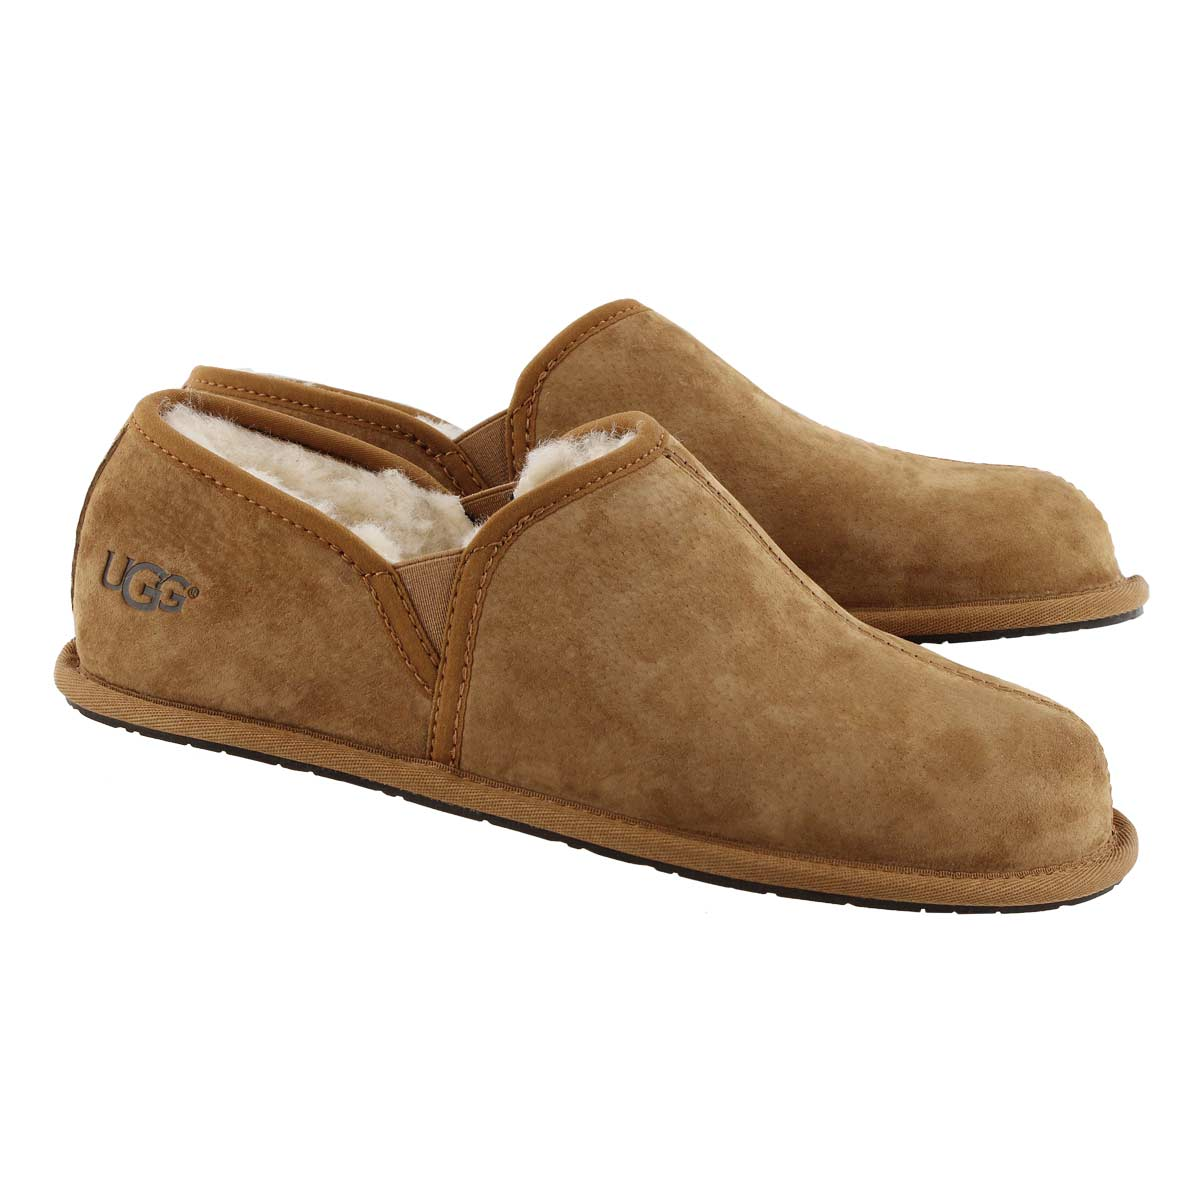 Mns Scuff Romeo II che sheepskin slipper